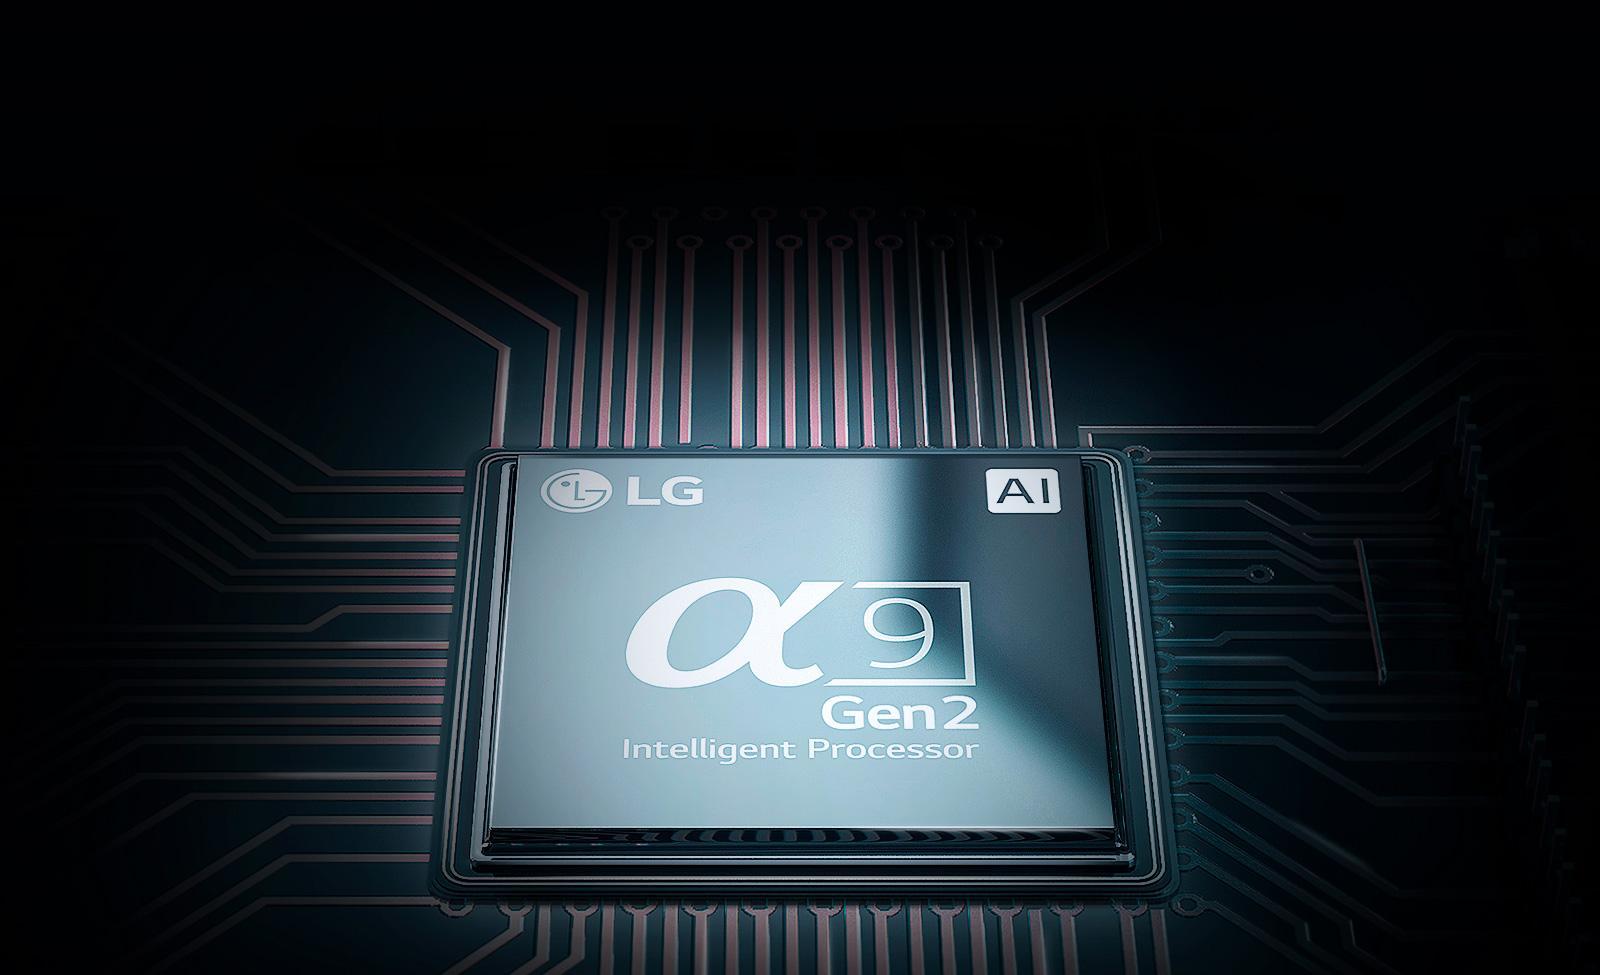 01_E9_A_Alpha9_Gen_2_desktop